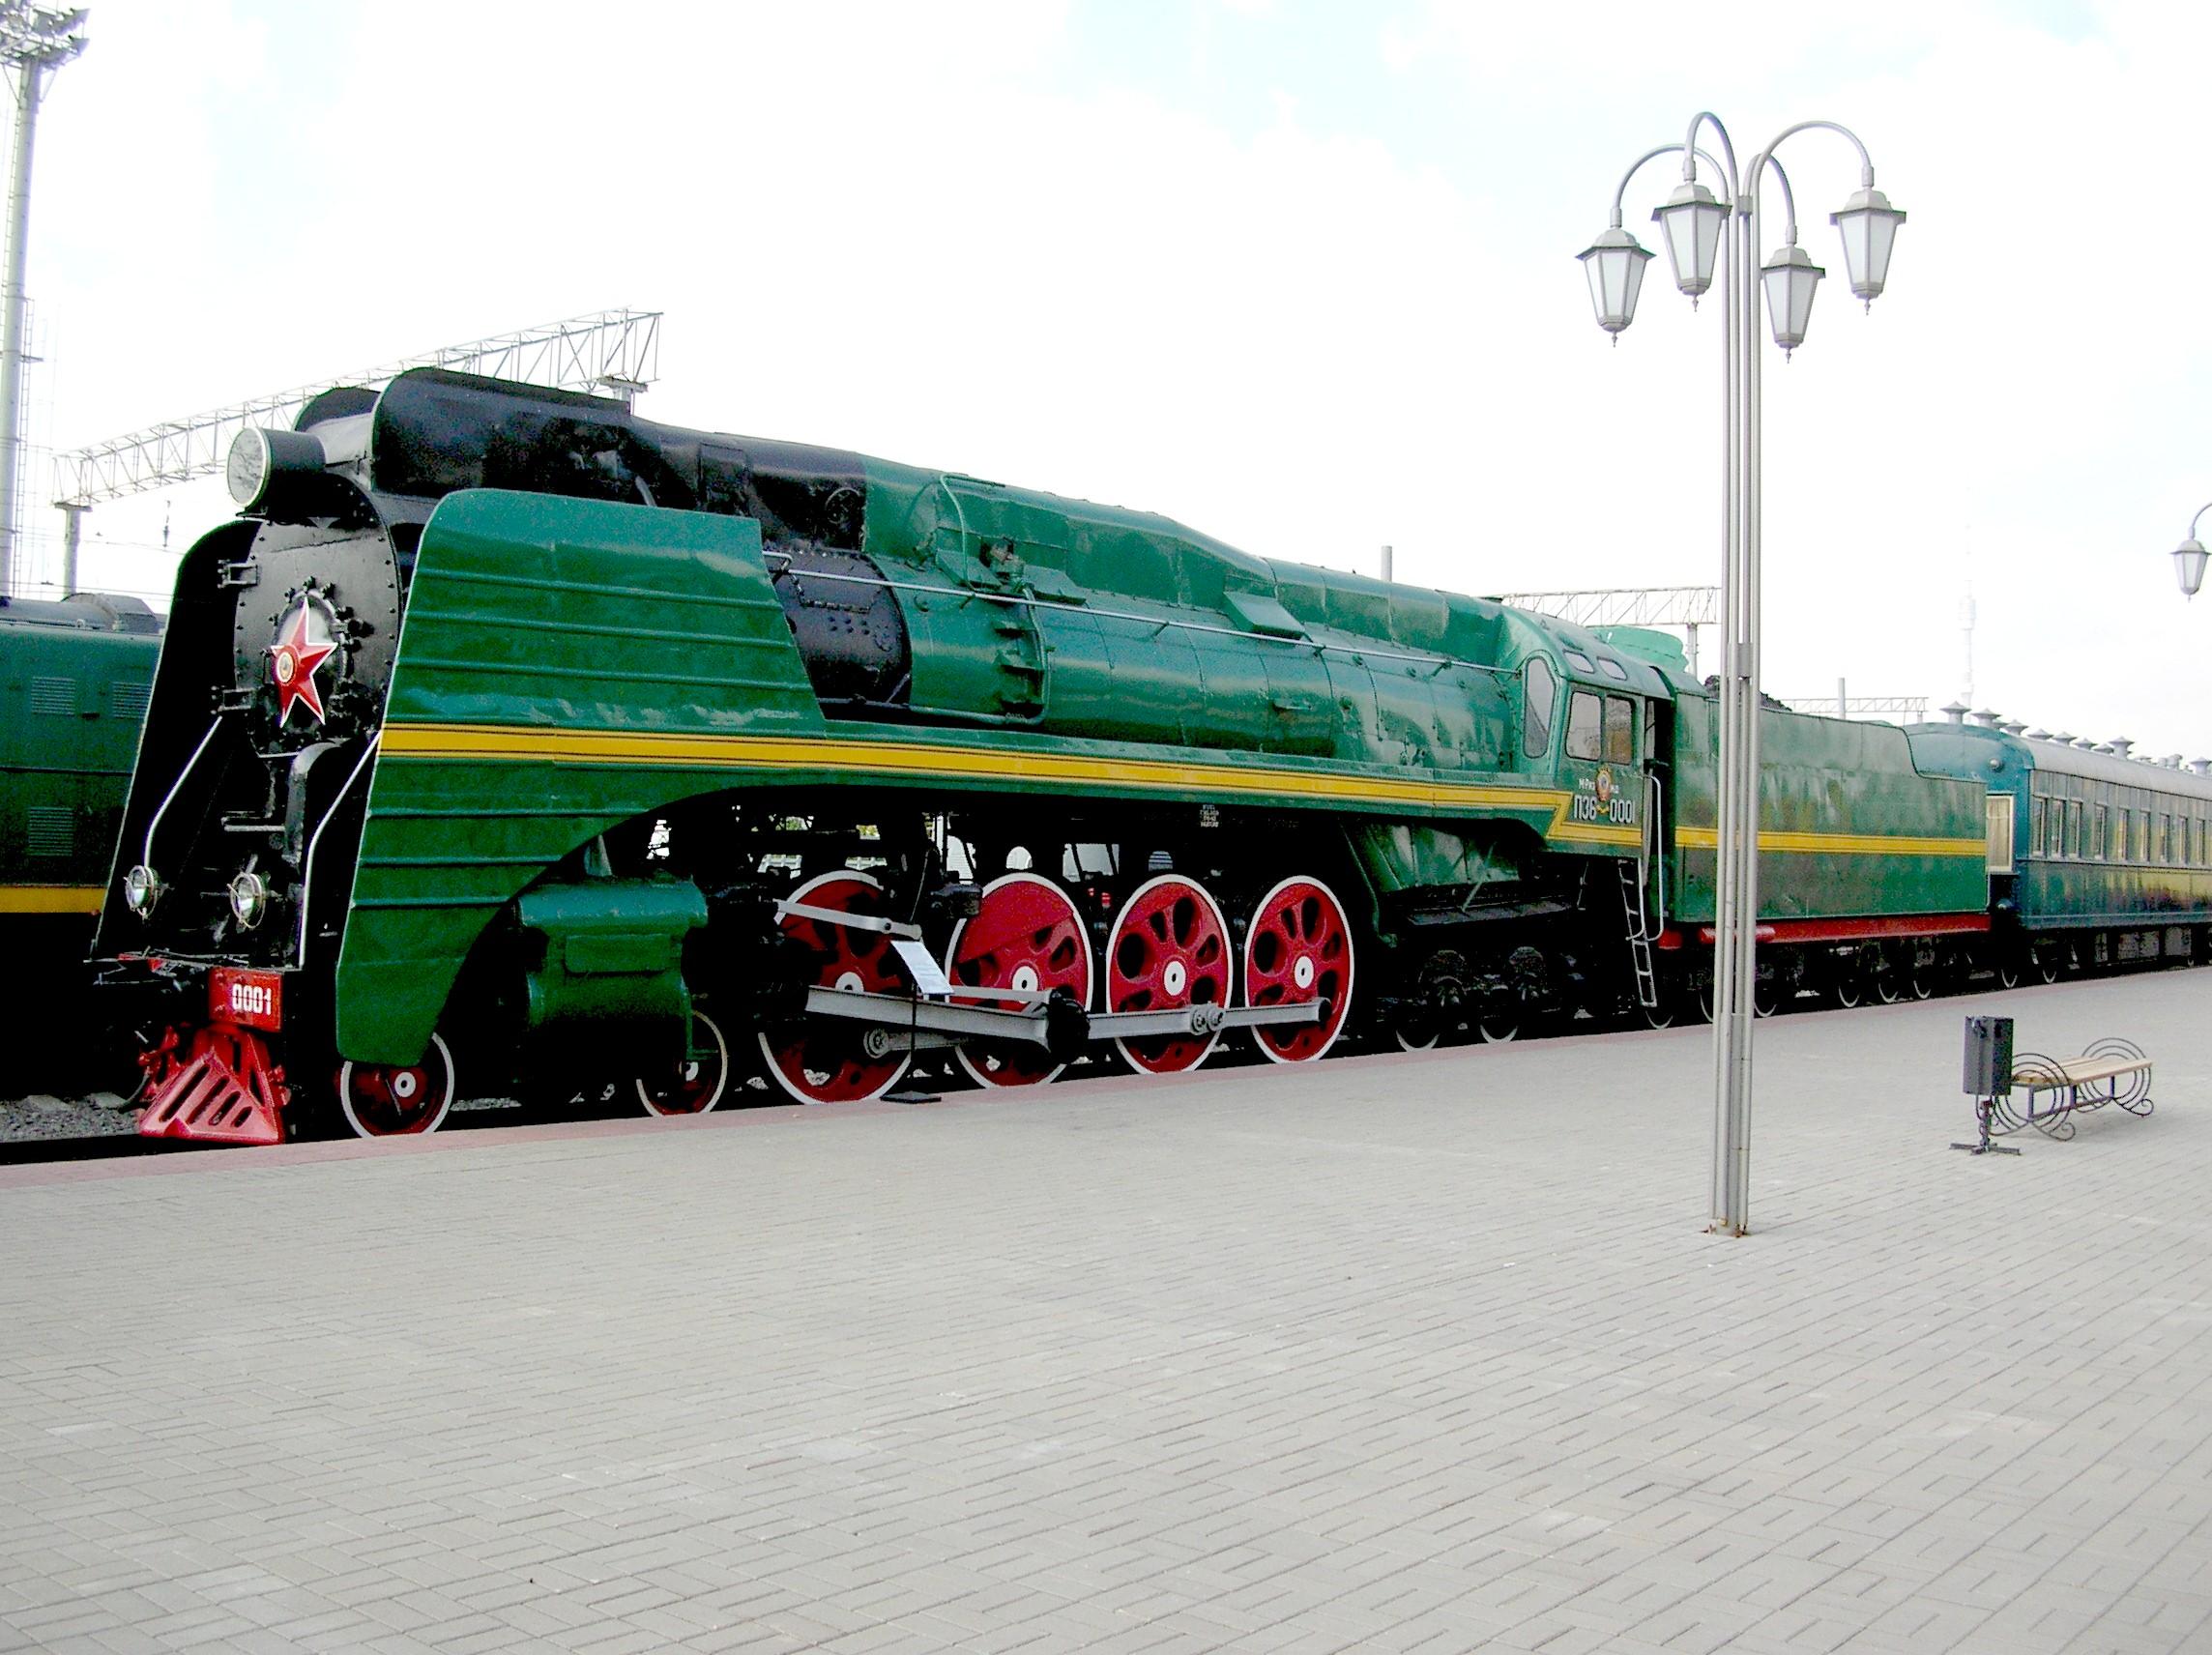 Car Engine Steam Cleaning Service Bristol